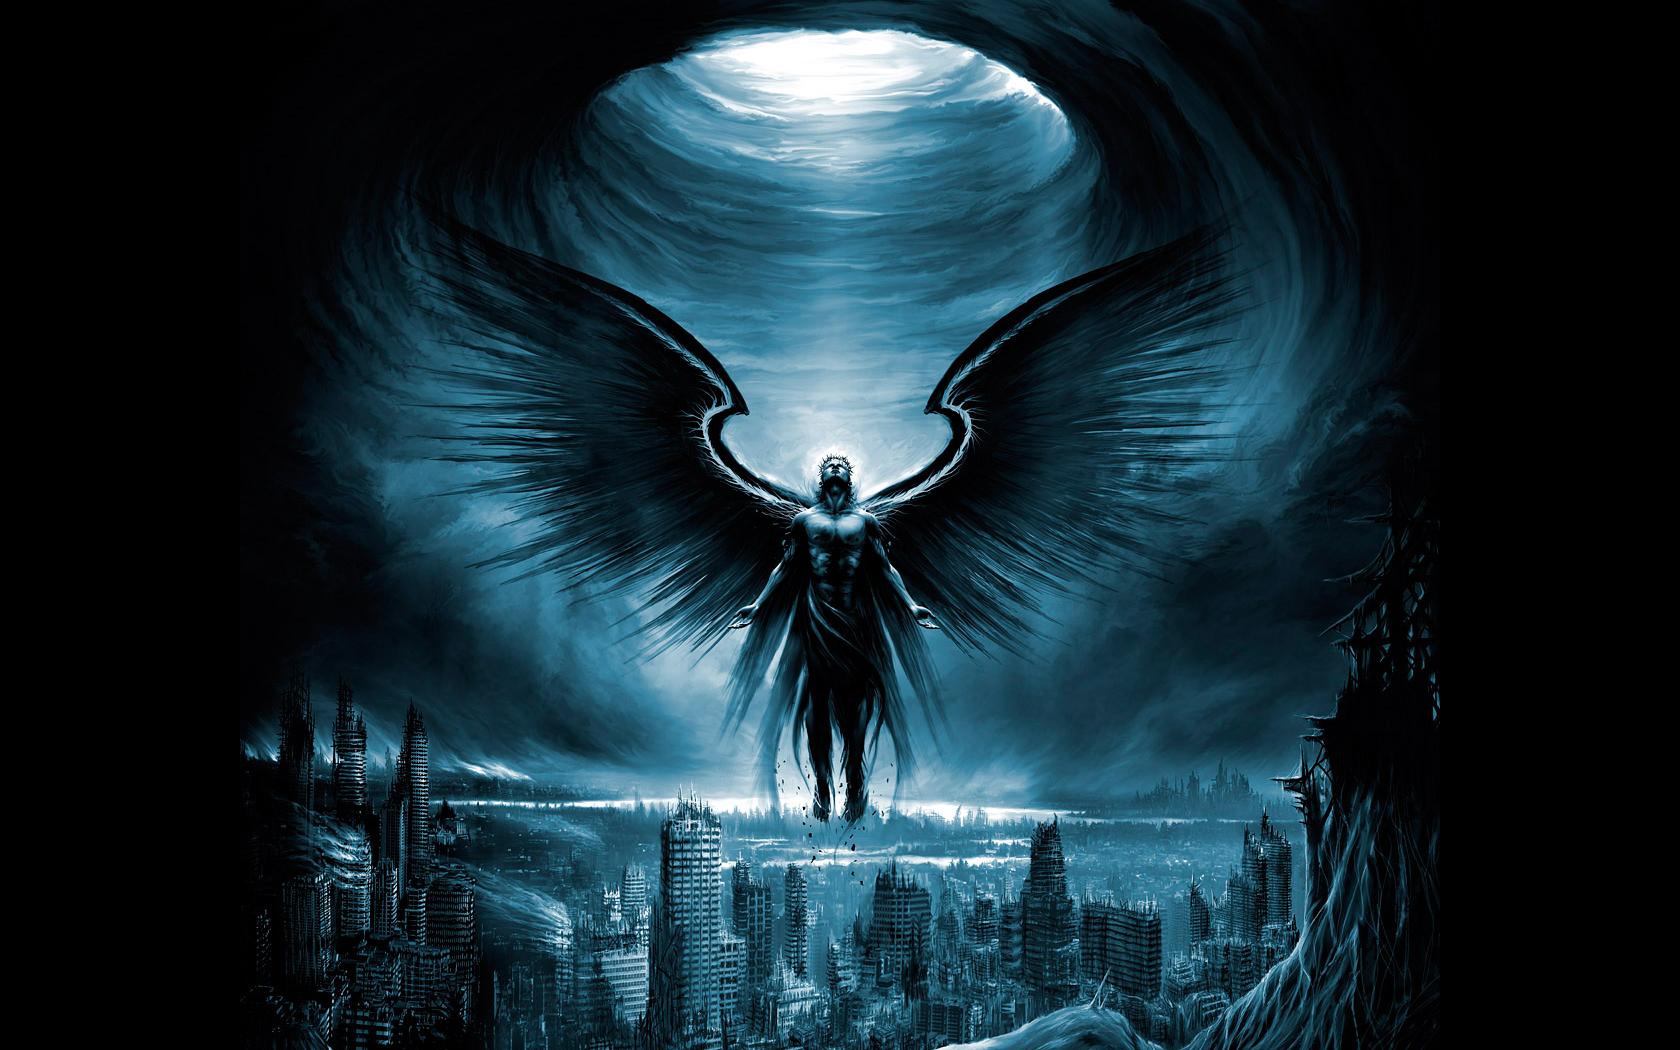 Fantasy Angel Wallpaper 1680x1050